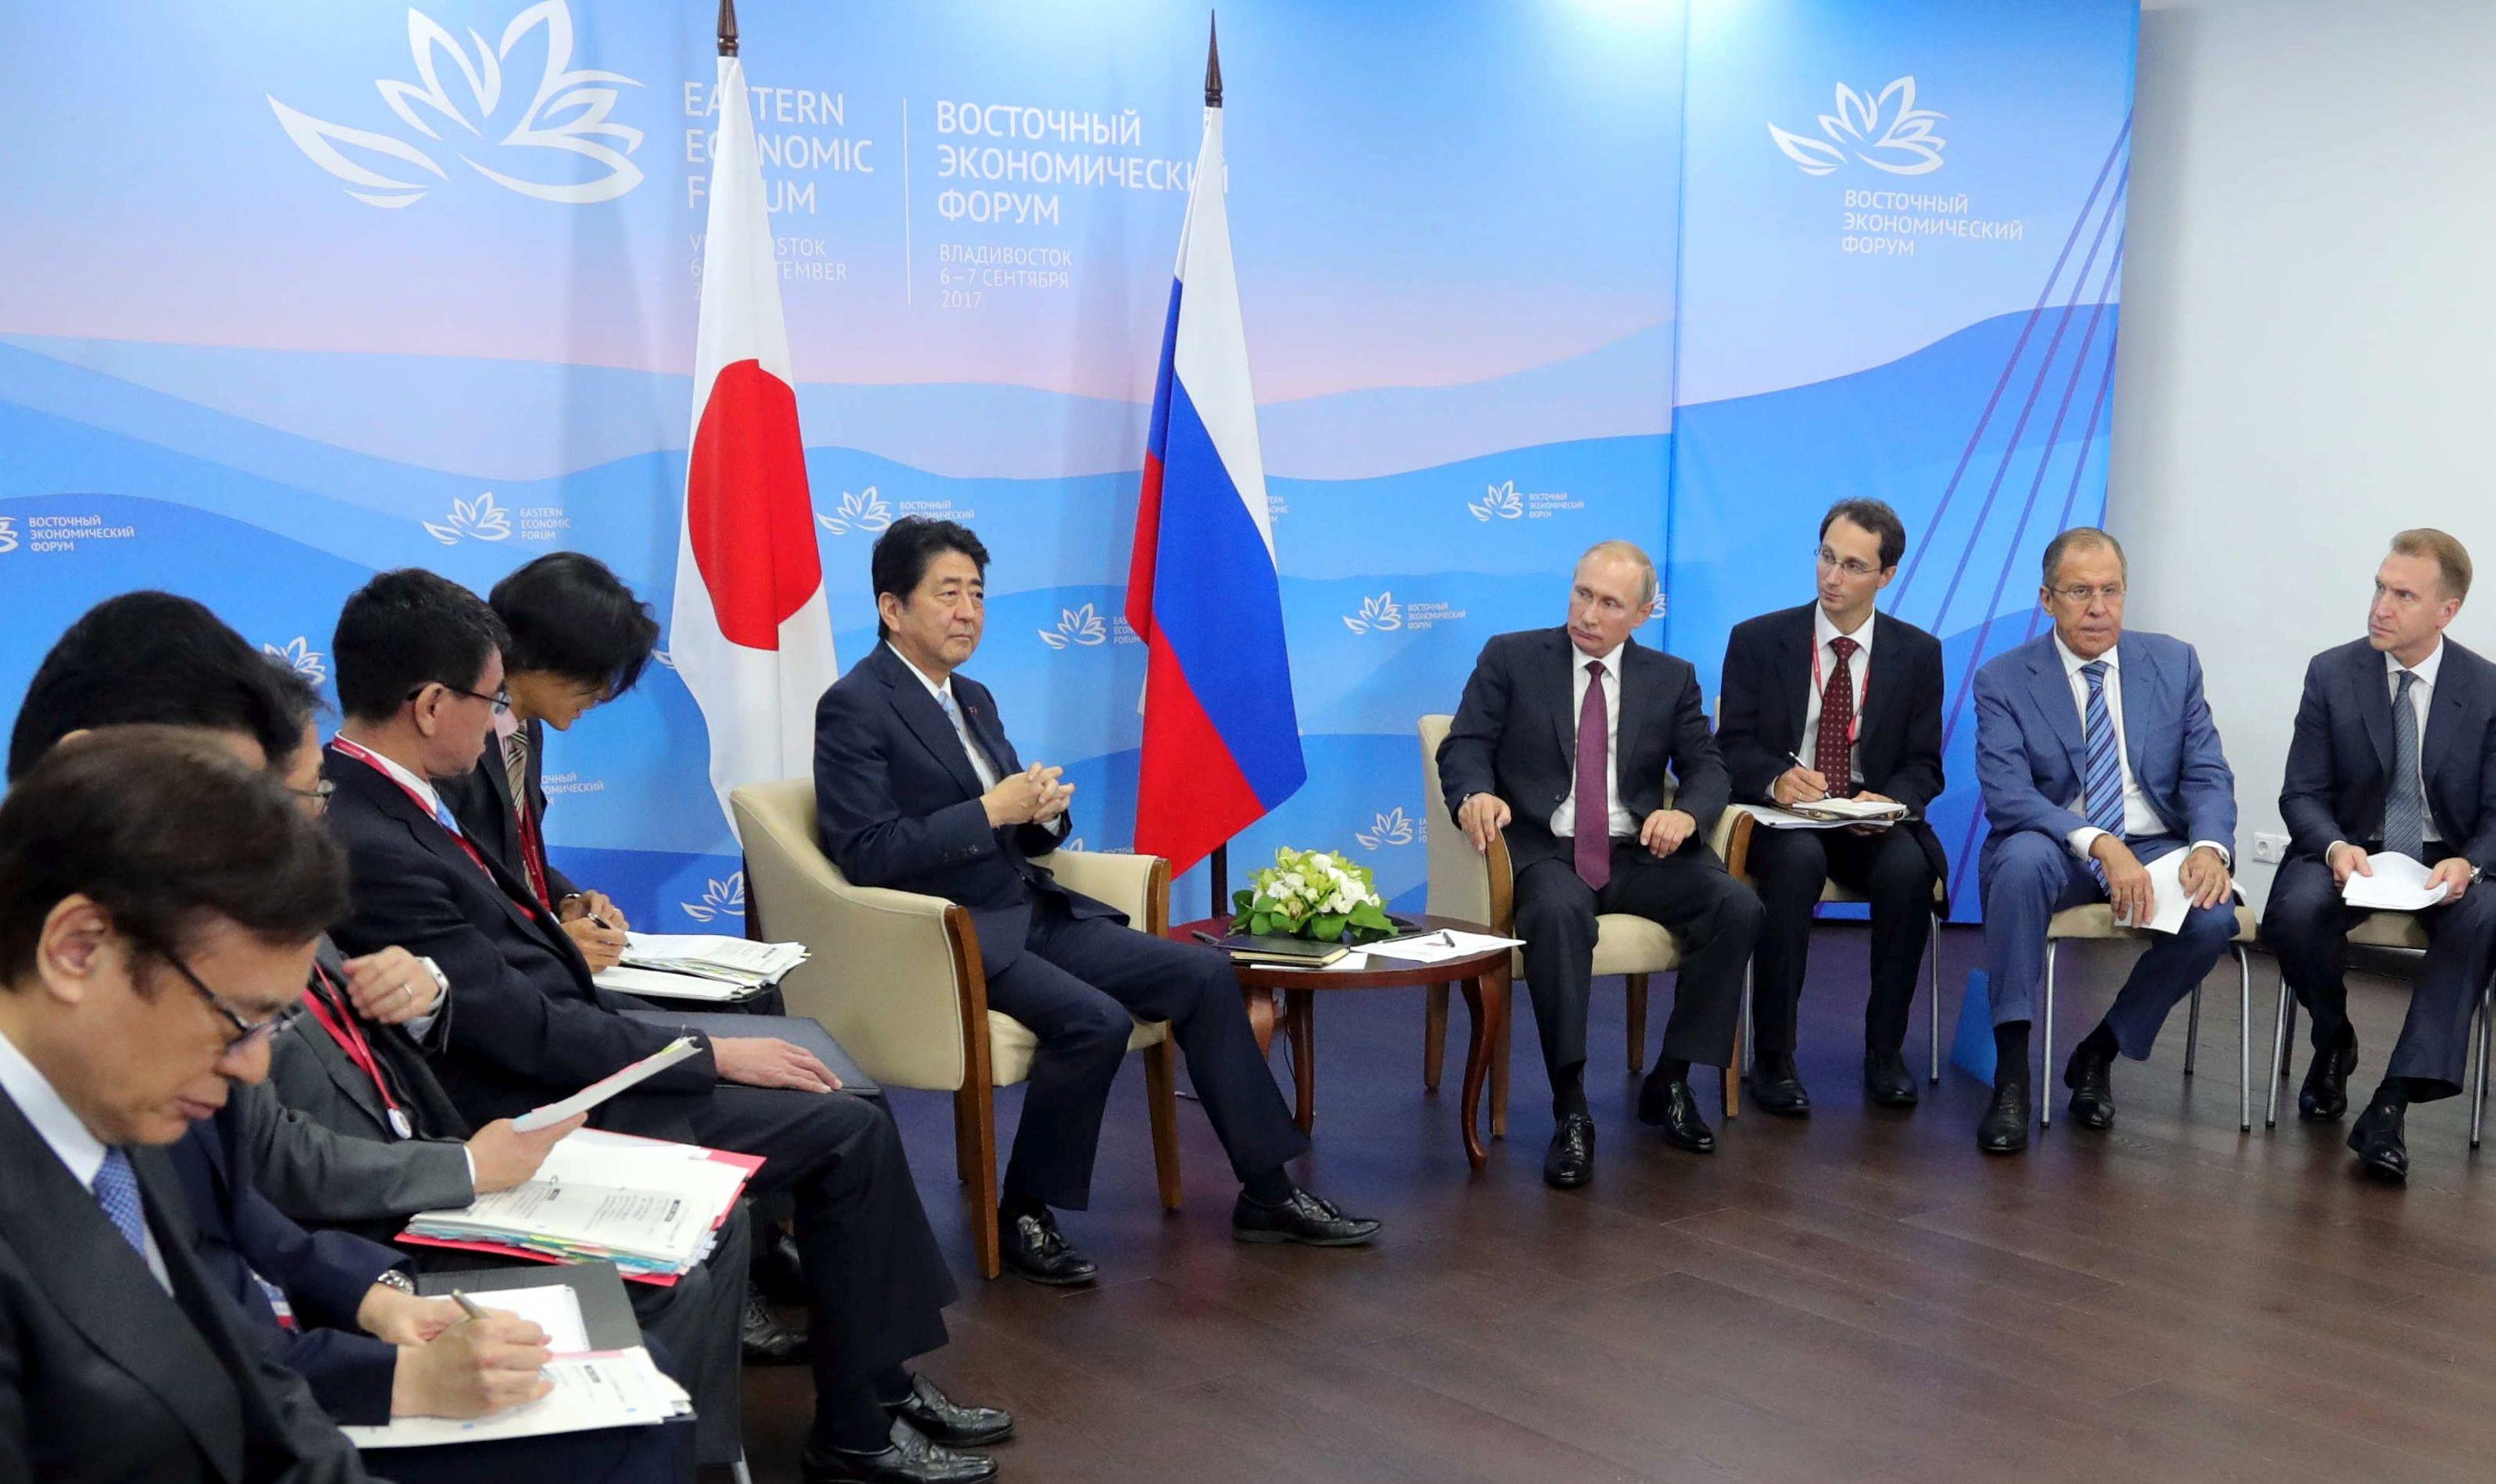 SJEVERNOKOREJSKA KRIZA 'Putin vjeruje da će prevladati razum'